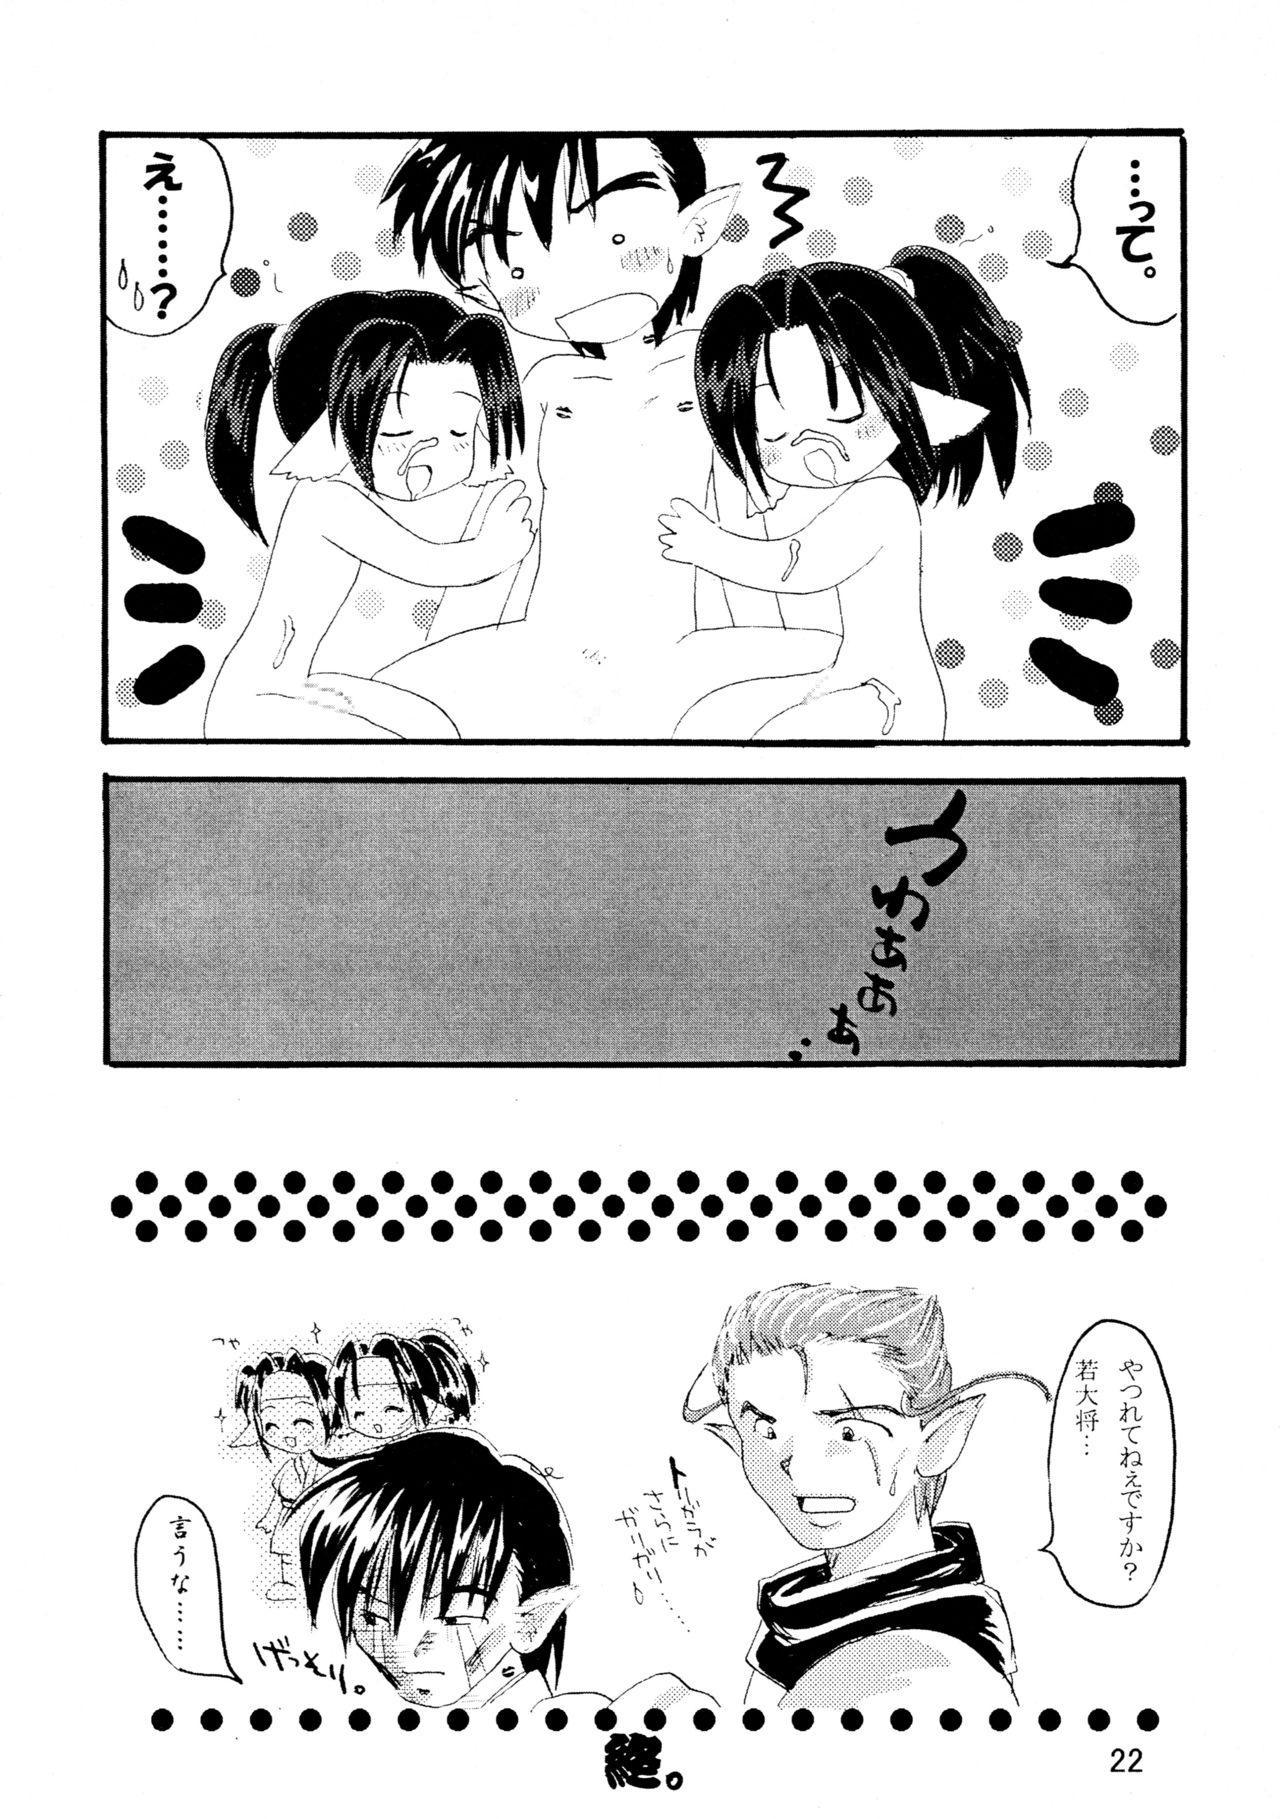 Yorokobi no Uta 21